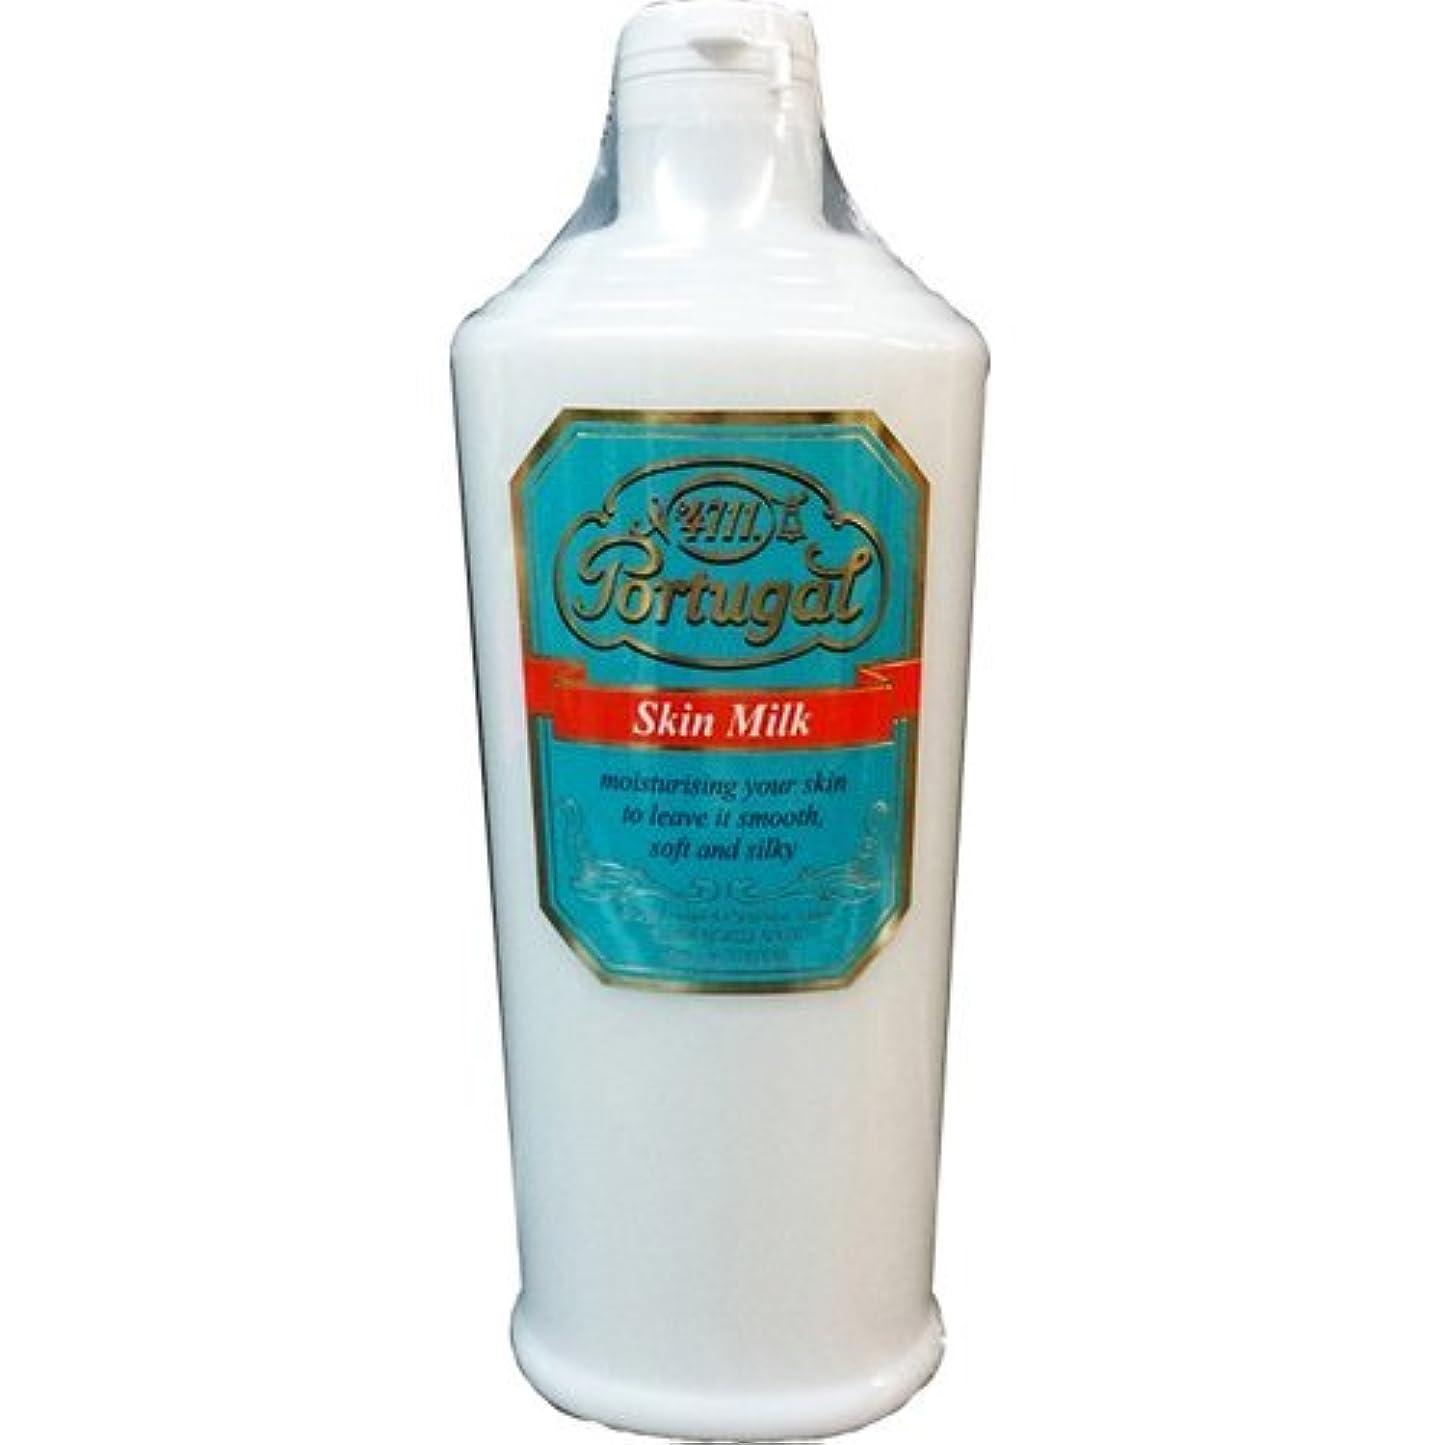 市町村つかむ売上高4711 ポーチュガル スキンミルク 500ml